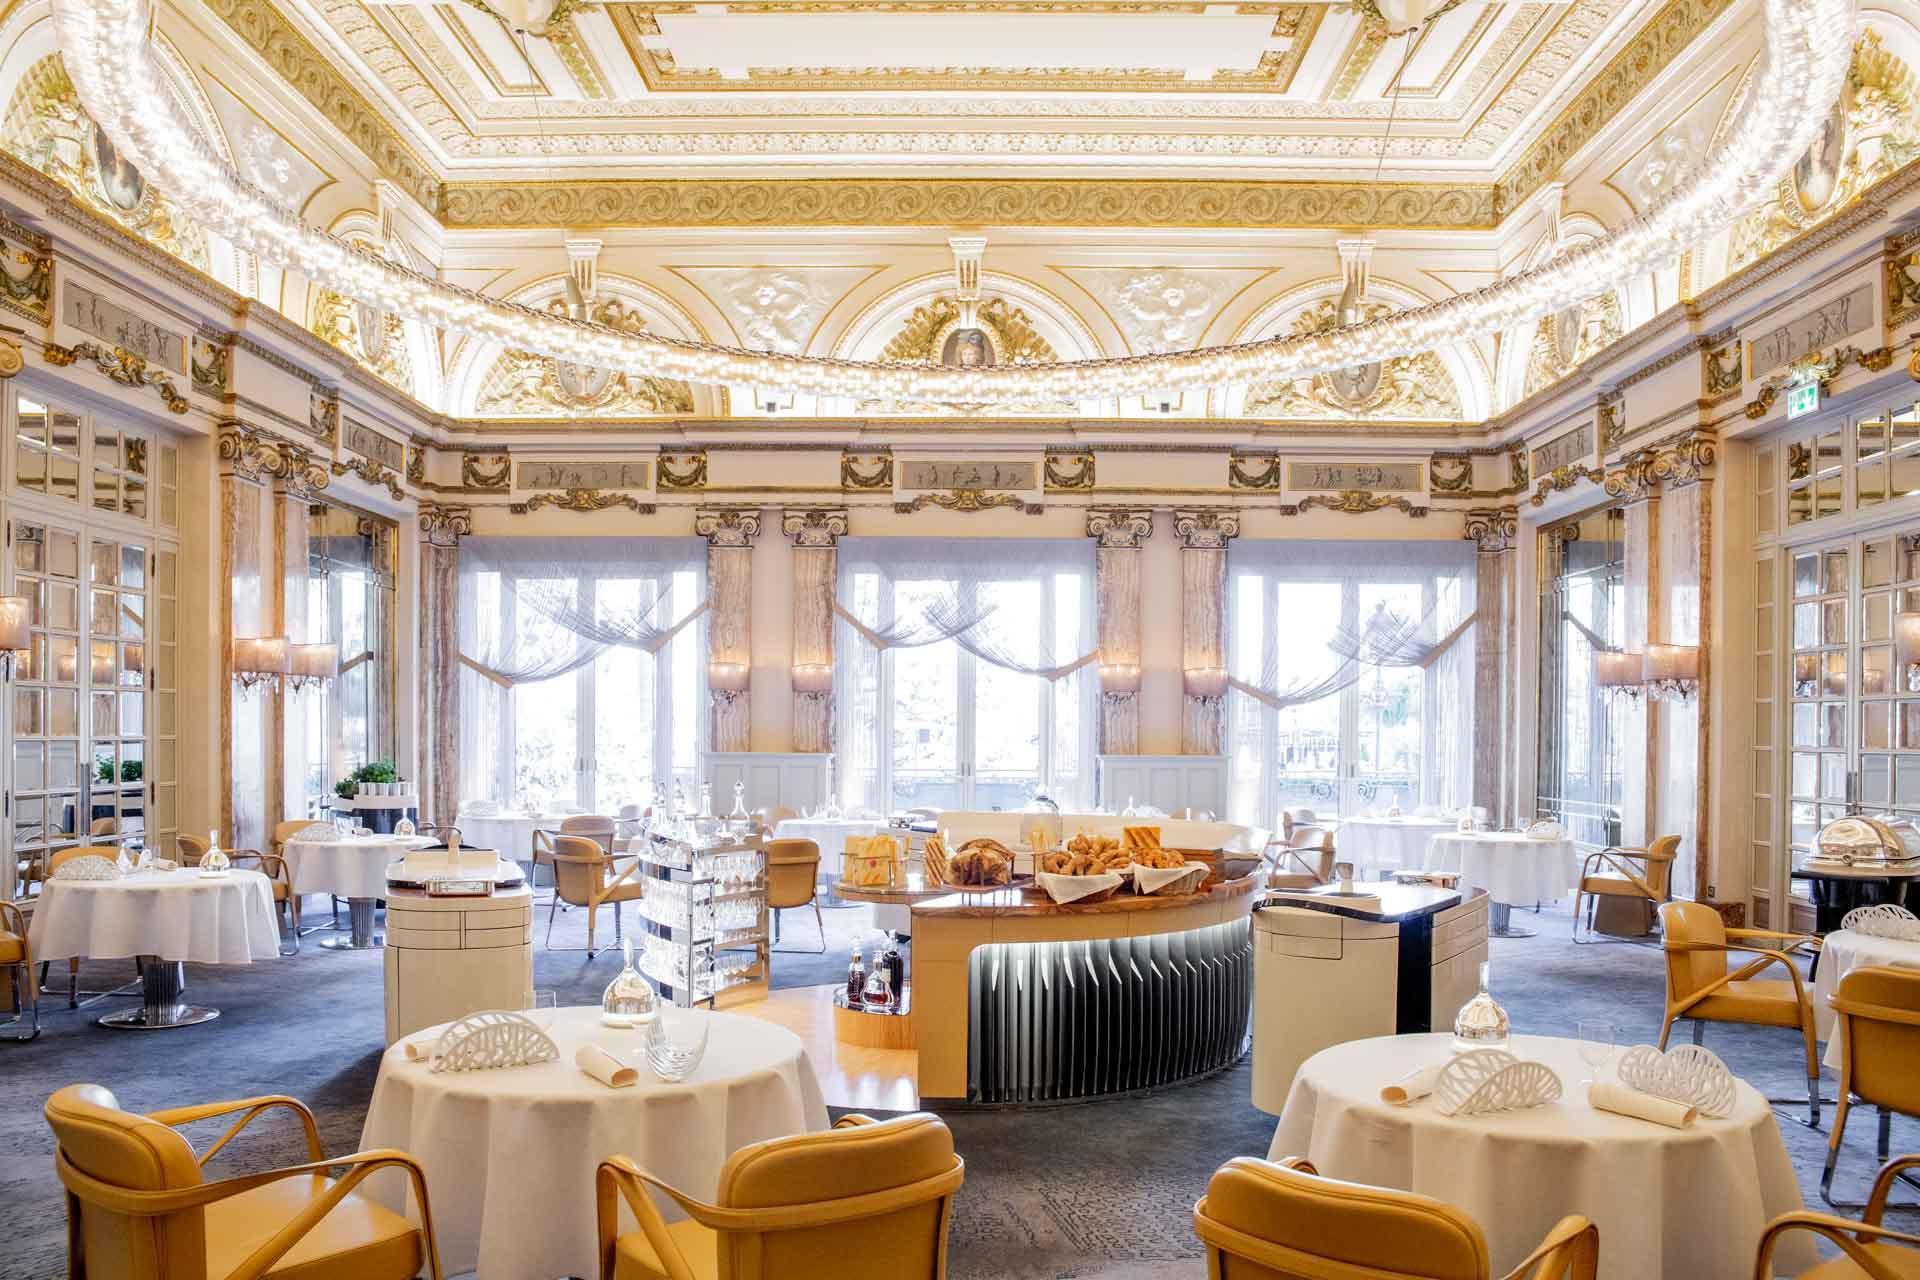 La salle du Louis XV à l'Hôtel de Paris © Pierre Monetta